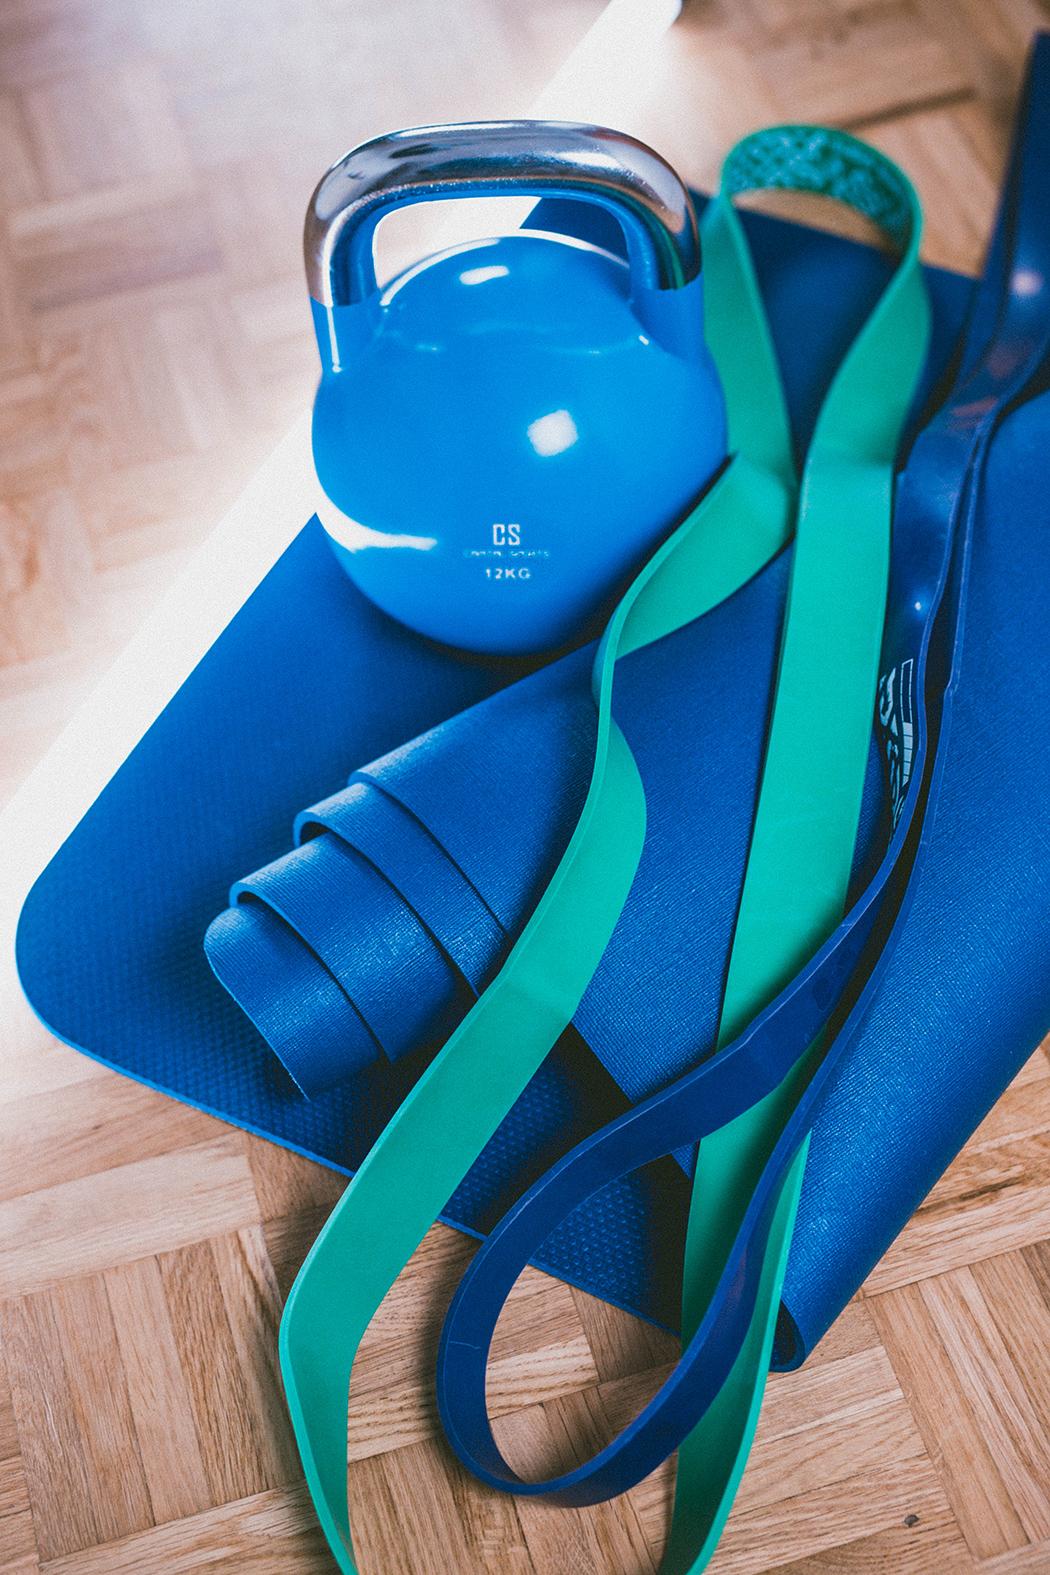 Fitnessblog-Fitnessblogger-Fitness-Blog-Blogger-Muenchen-Deutschland-Captial-Sports-Homegym-Lindarella-17-web